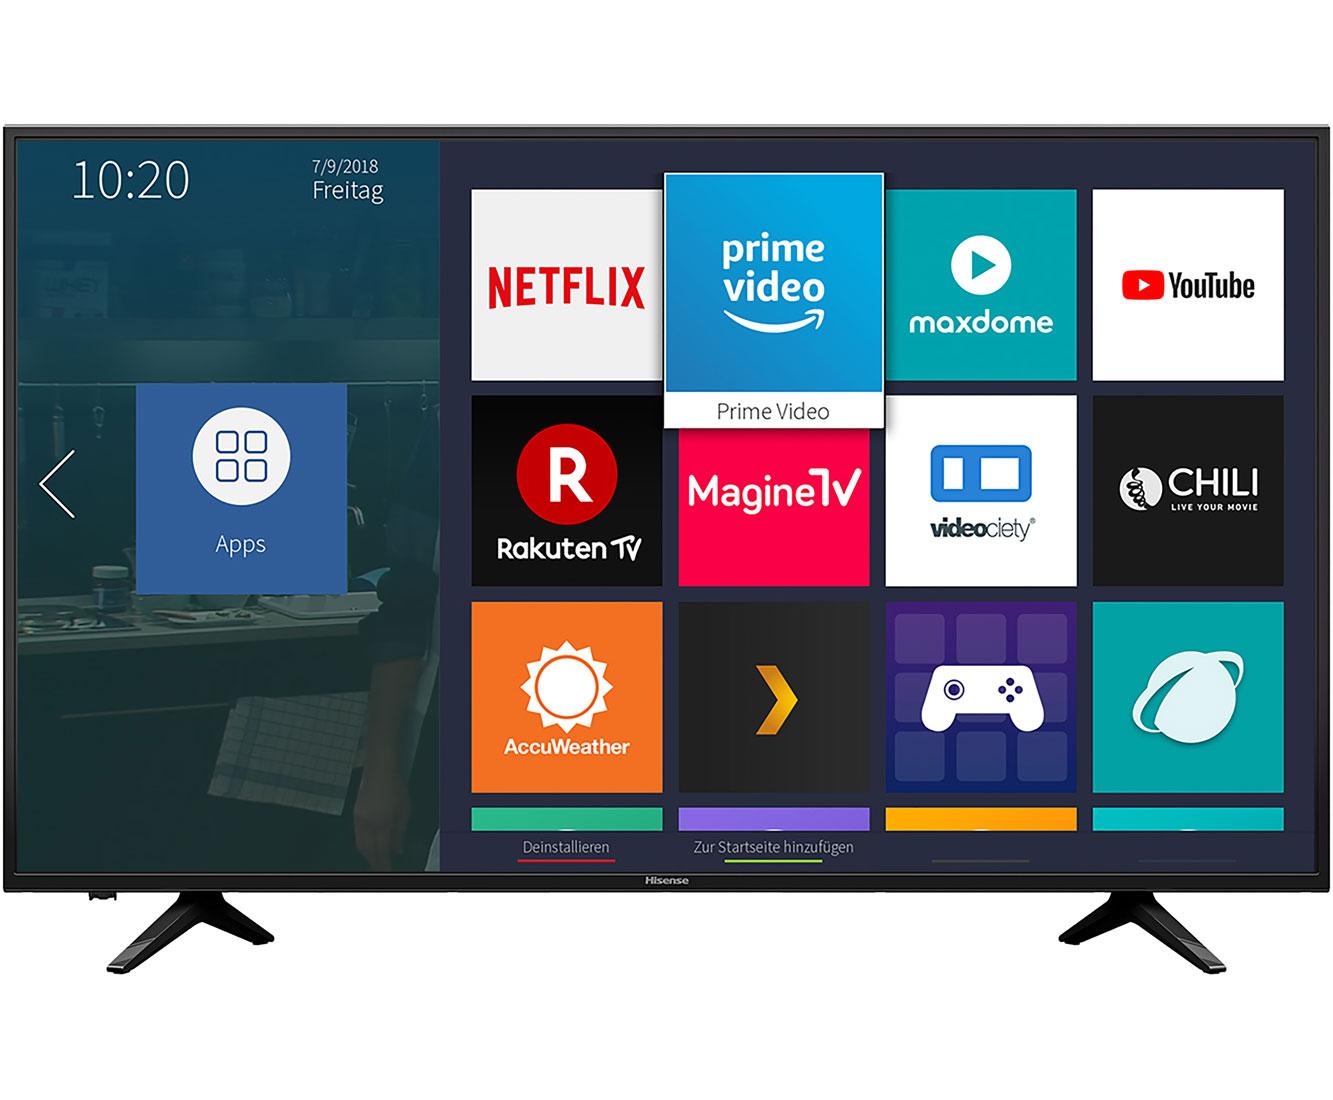 Hisense H43AE6000, 4K/UHD, LED, Smart TV, 108 cm [43